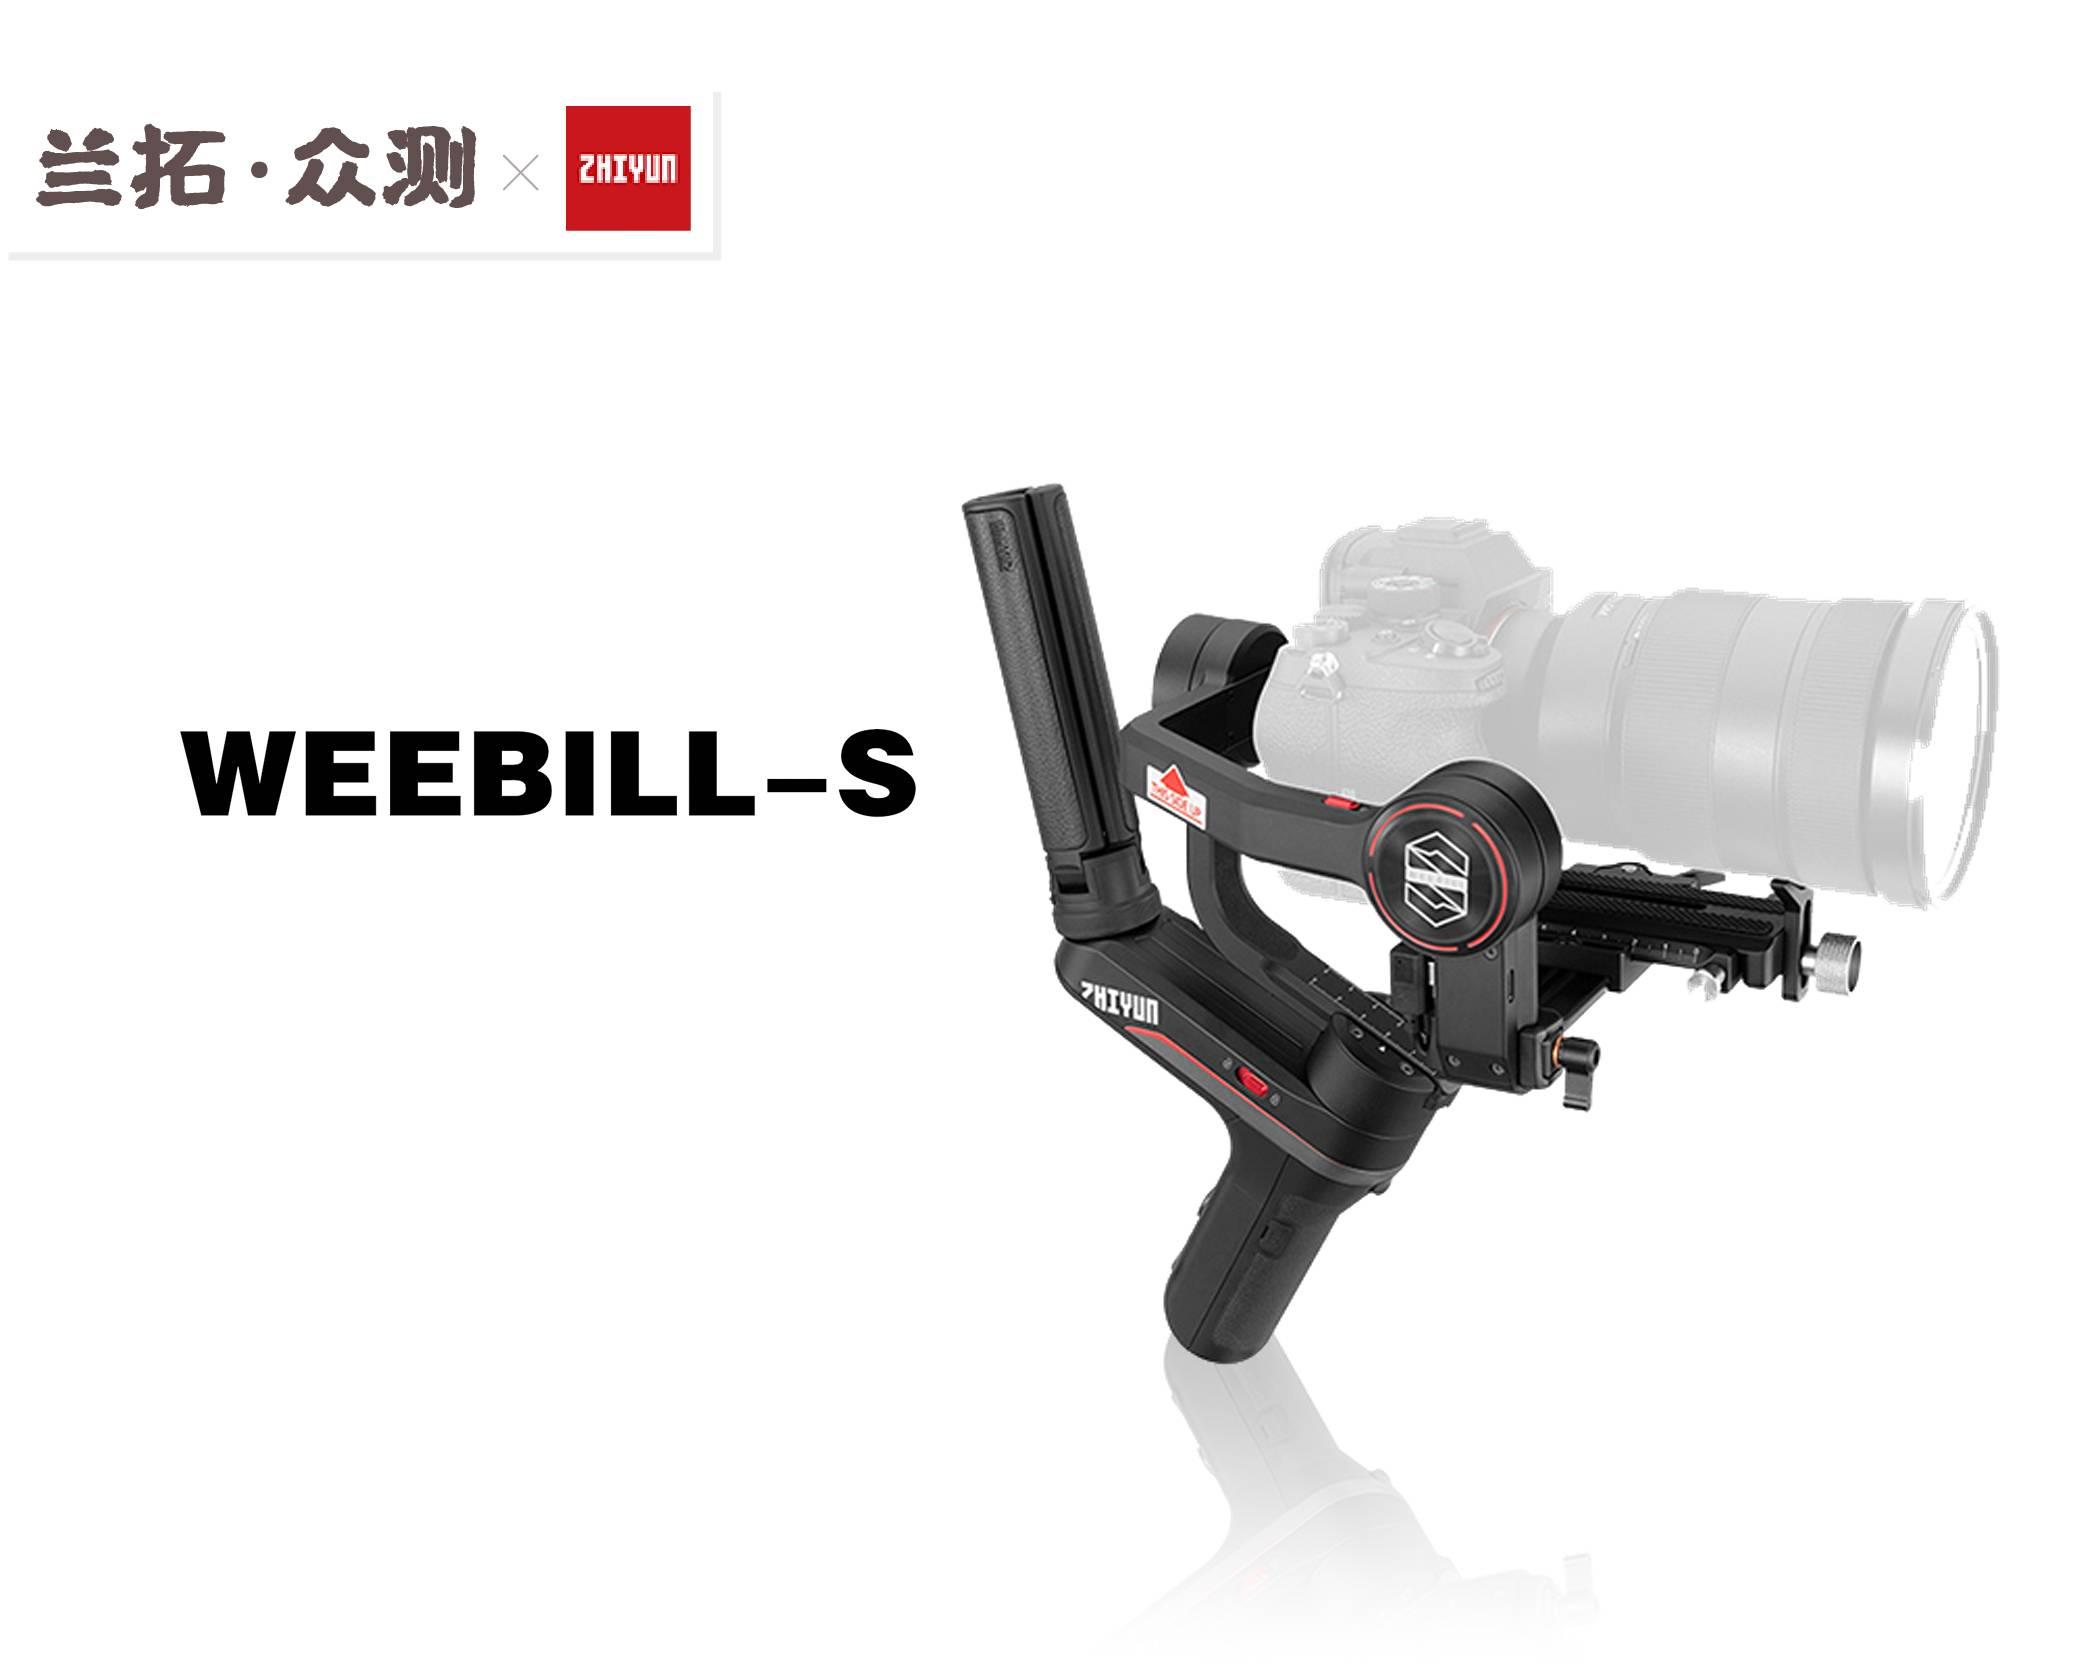 【专业稳定器】智云 WEEBILL S 专业稳定器图传套装